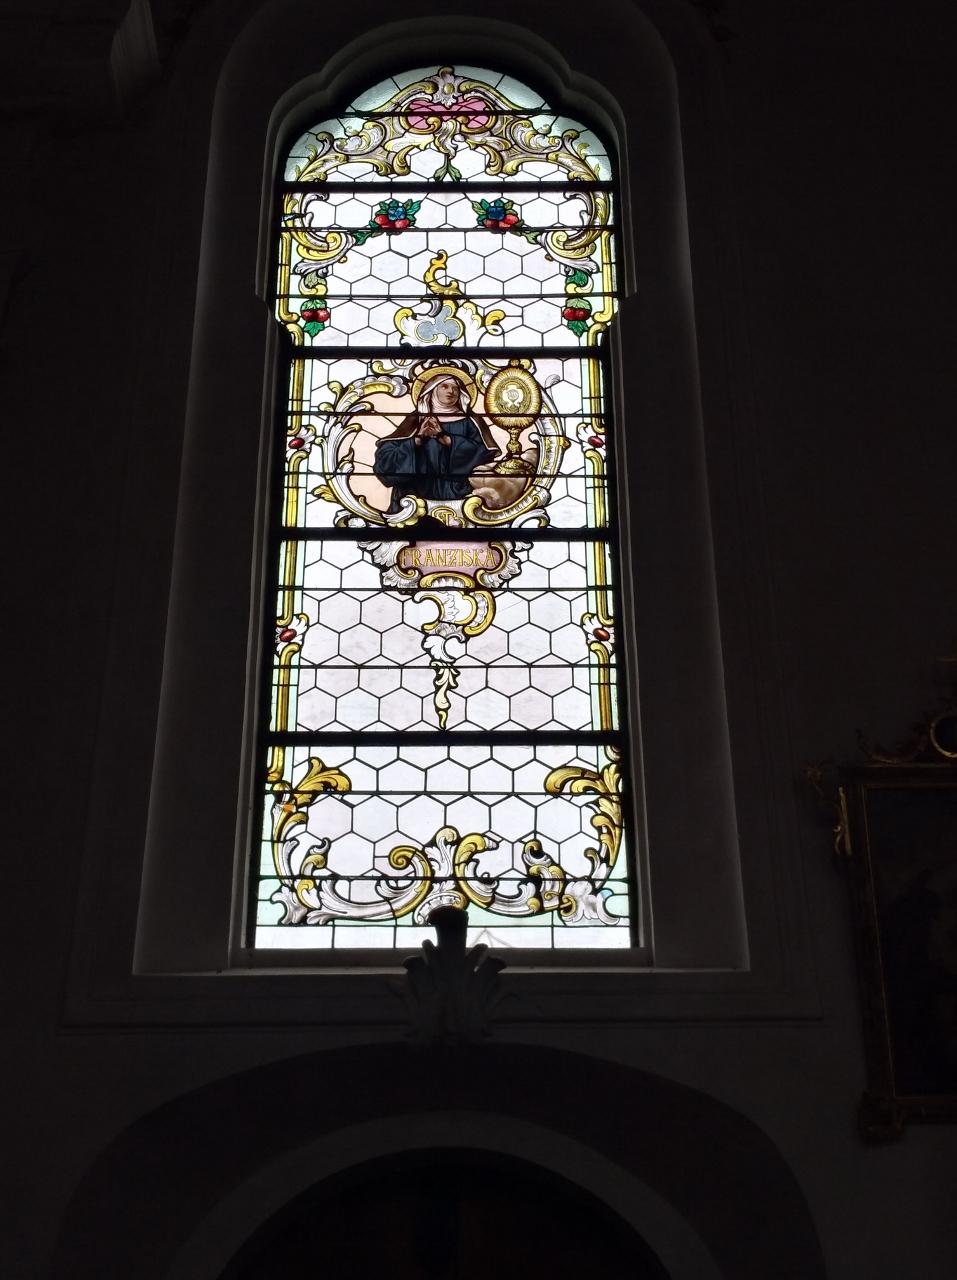 Kirchenfenster St. Nikolaus Oberndorf 2018 St. Franziska (957x1280)